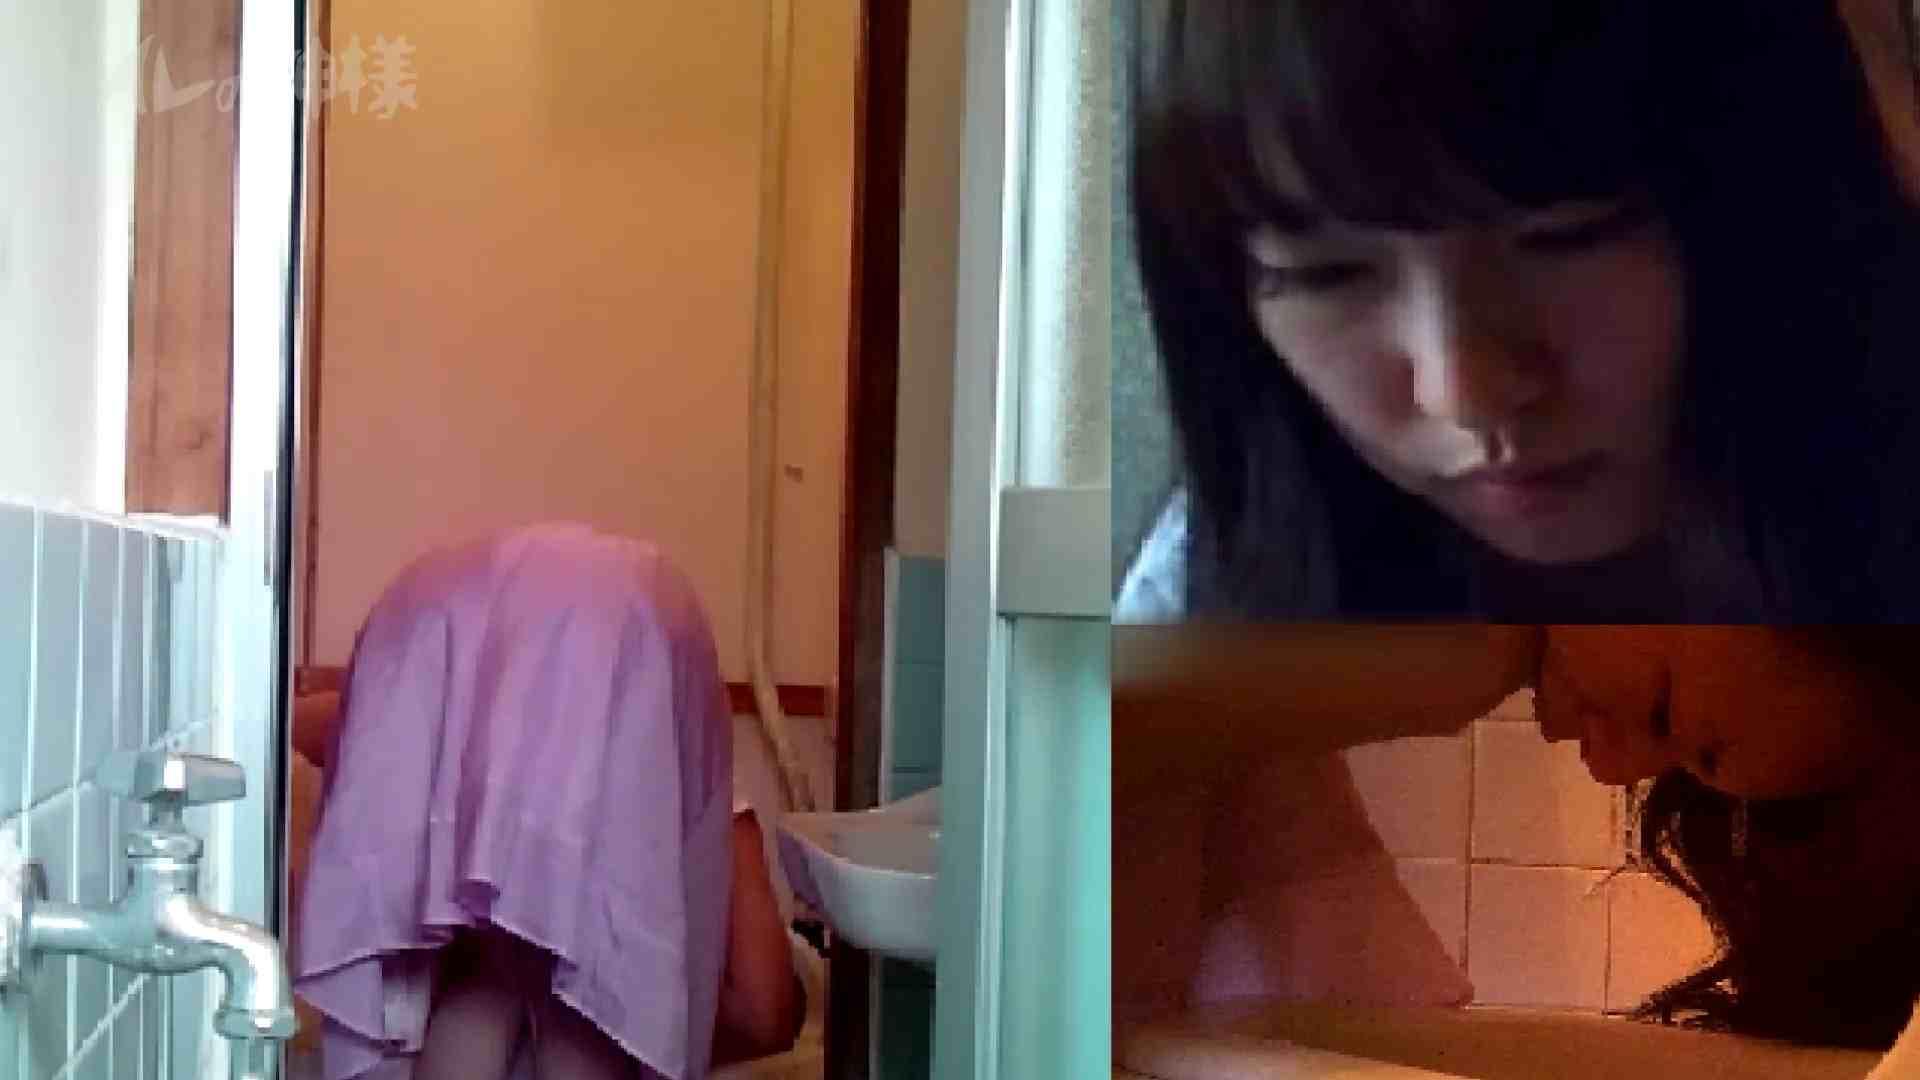 トイレの神様 Vol.09 美女のGEBOきれいに撮っています 美女達のヌード | トイレ中  75連発 71